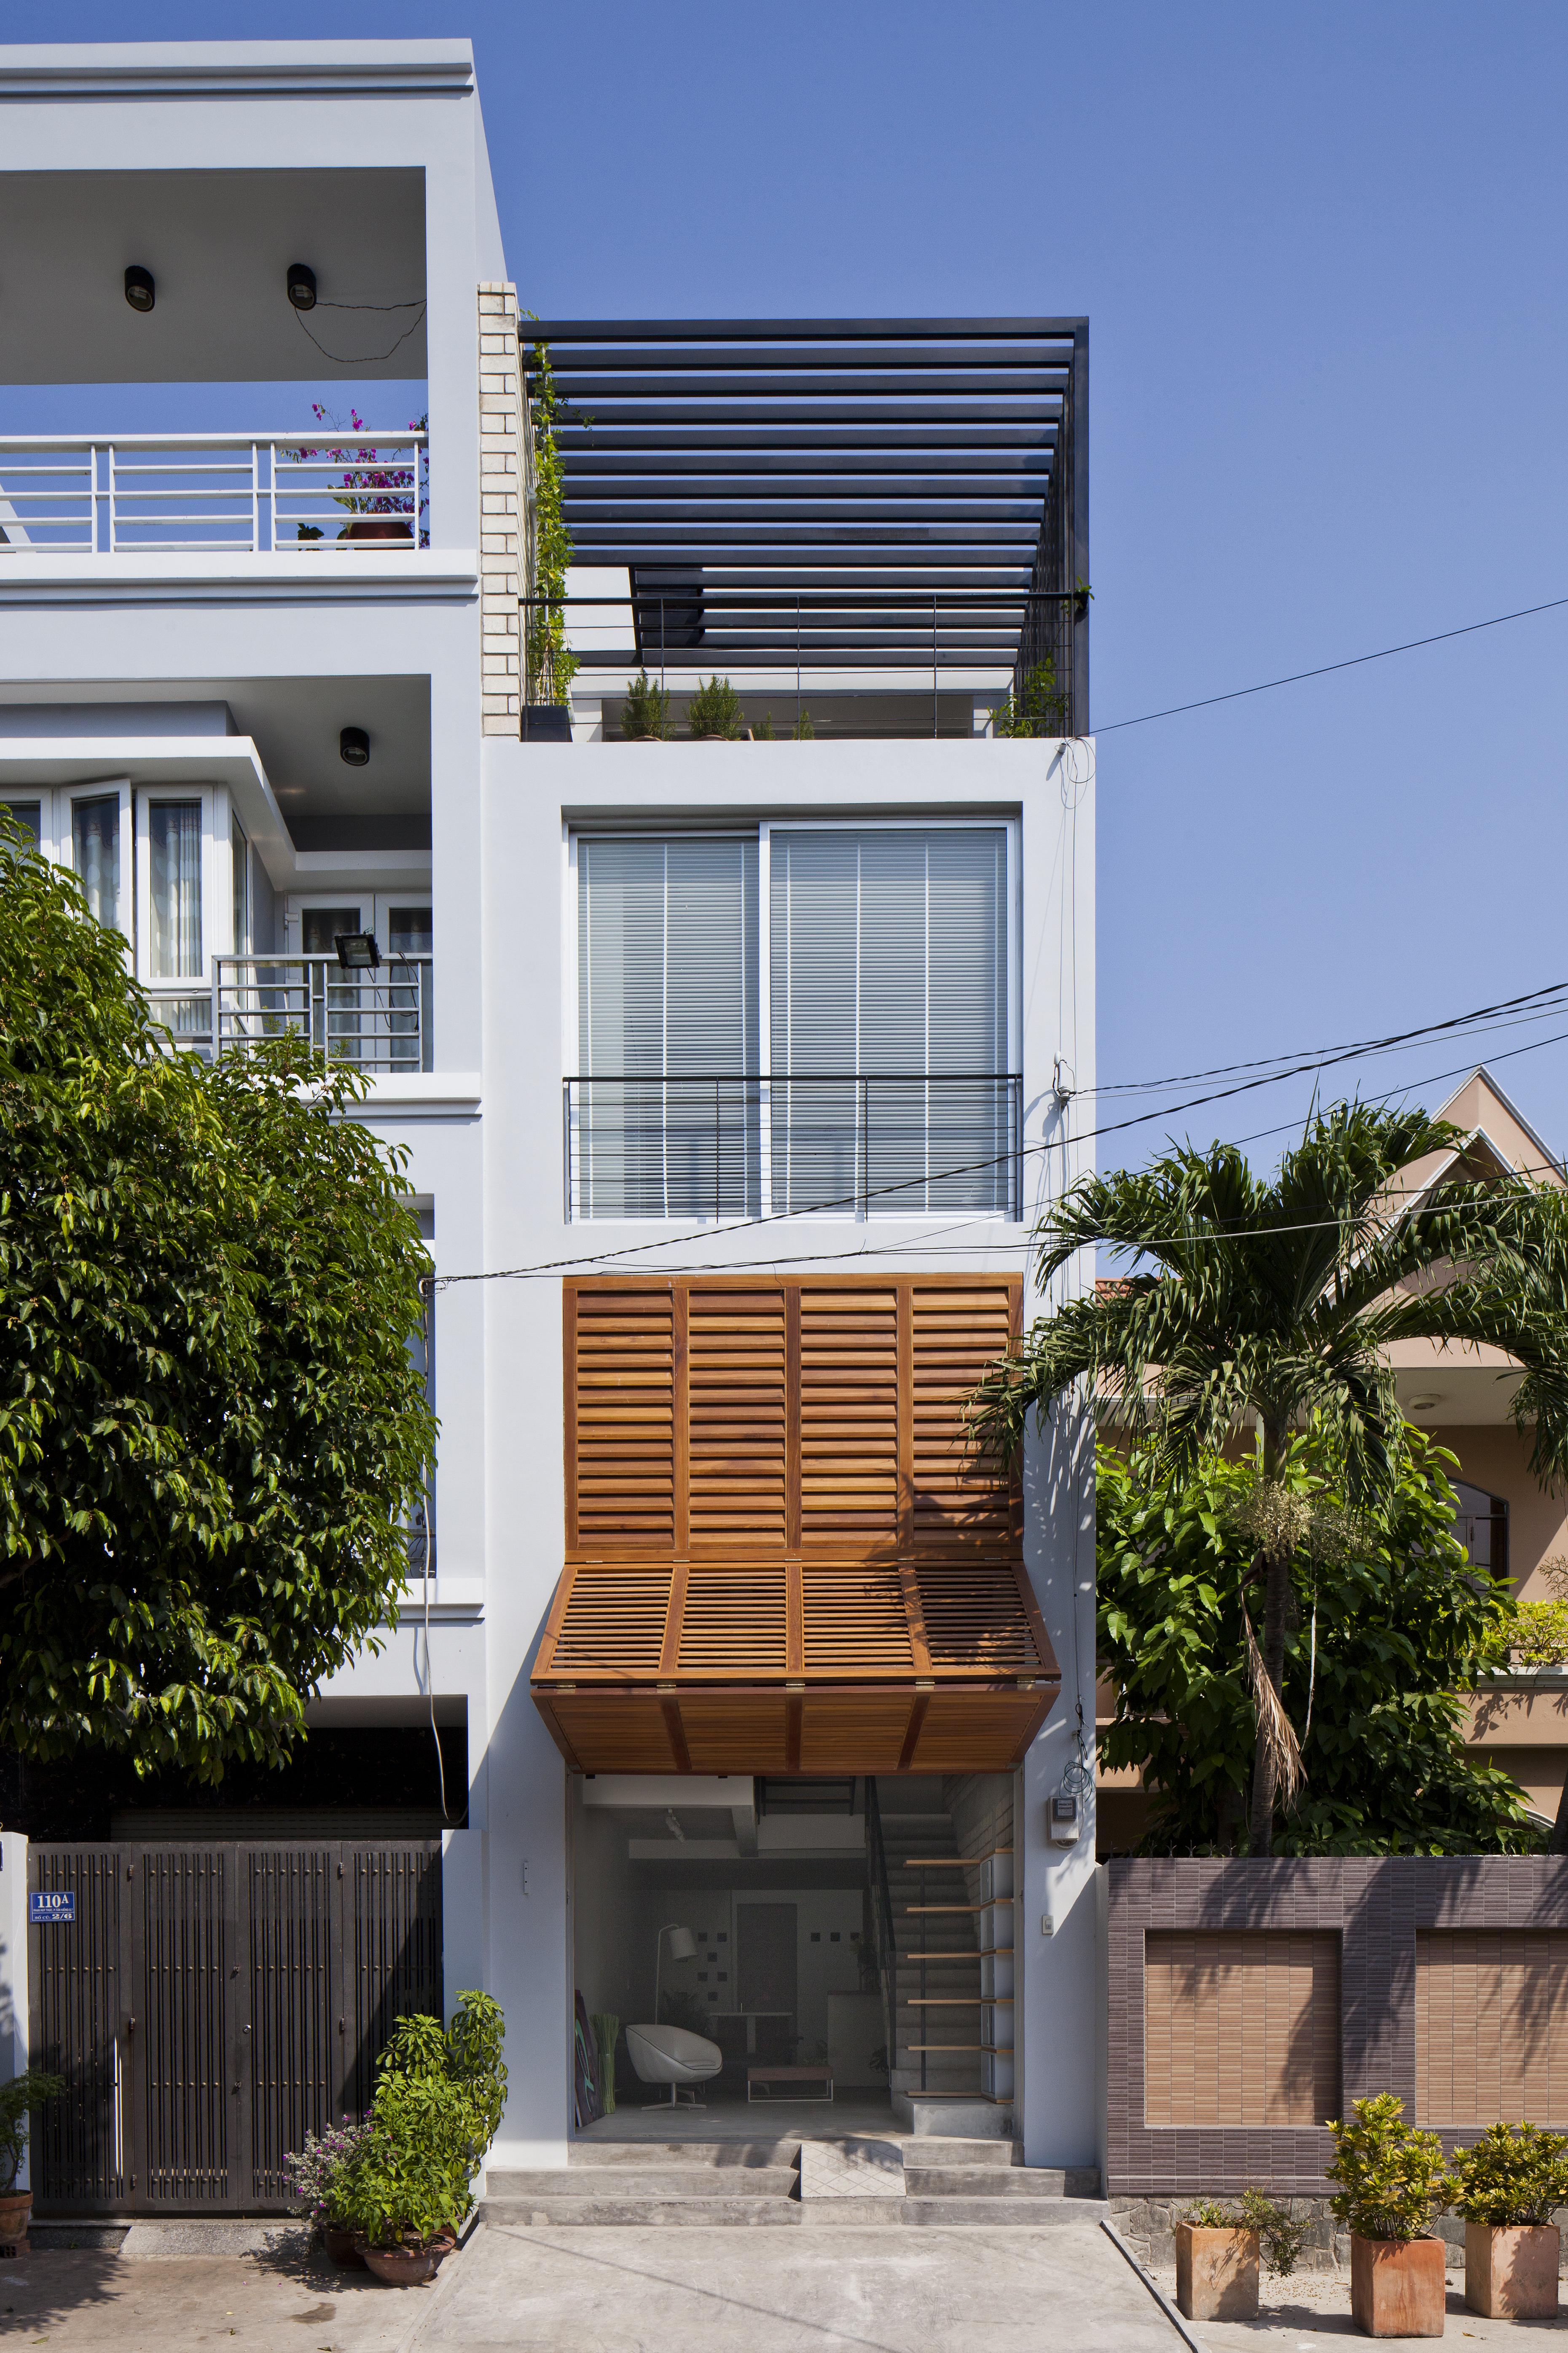 Casas com perspectiva moderna.